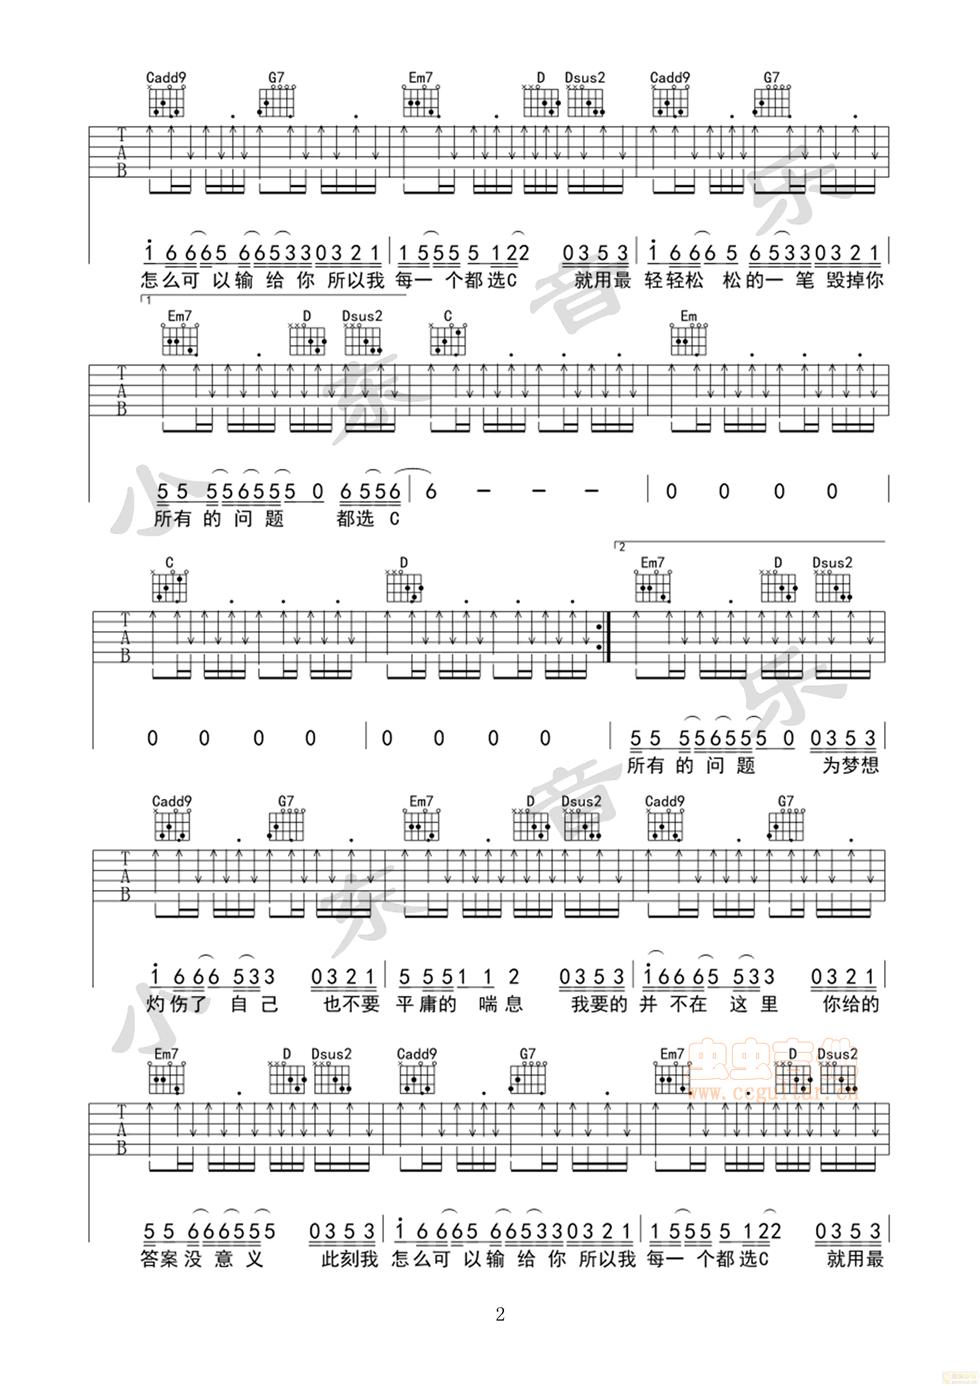 都选C 缝纫机乐队电影插曲版小东音乐老王编配G调六线吉他谱 虫虫吉